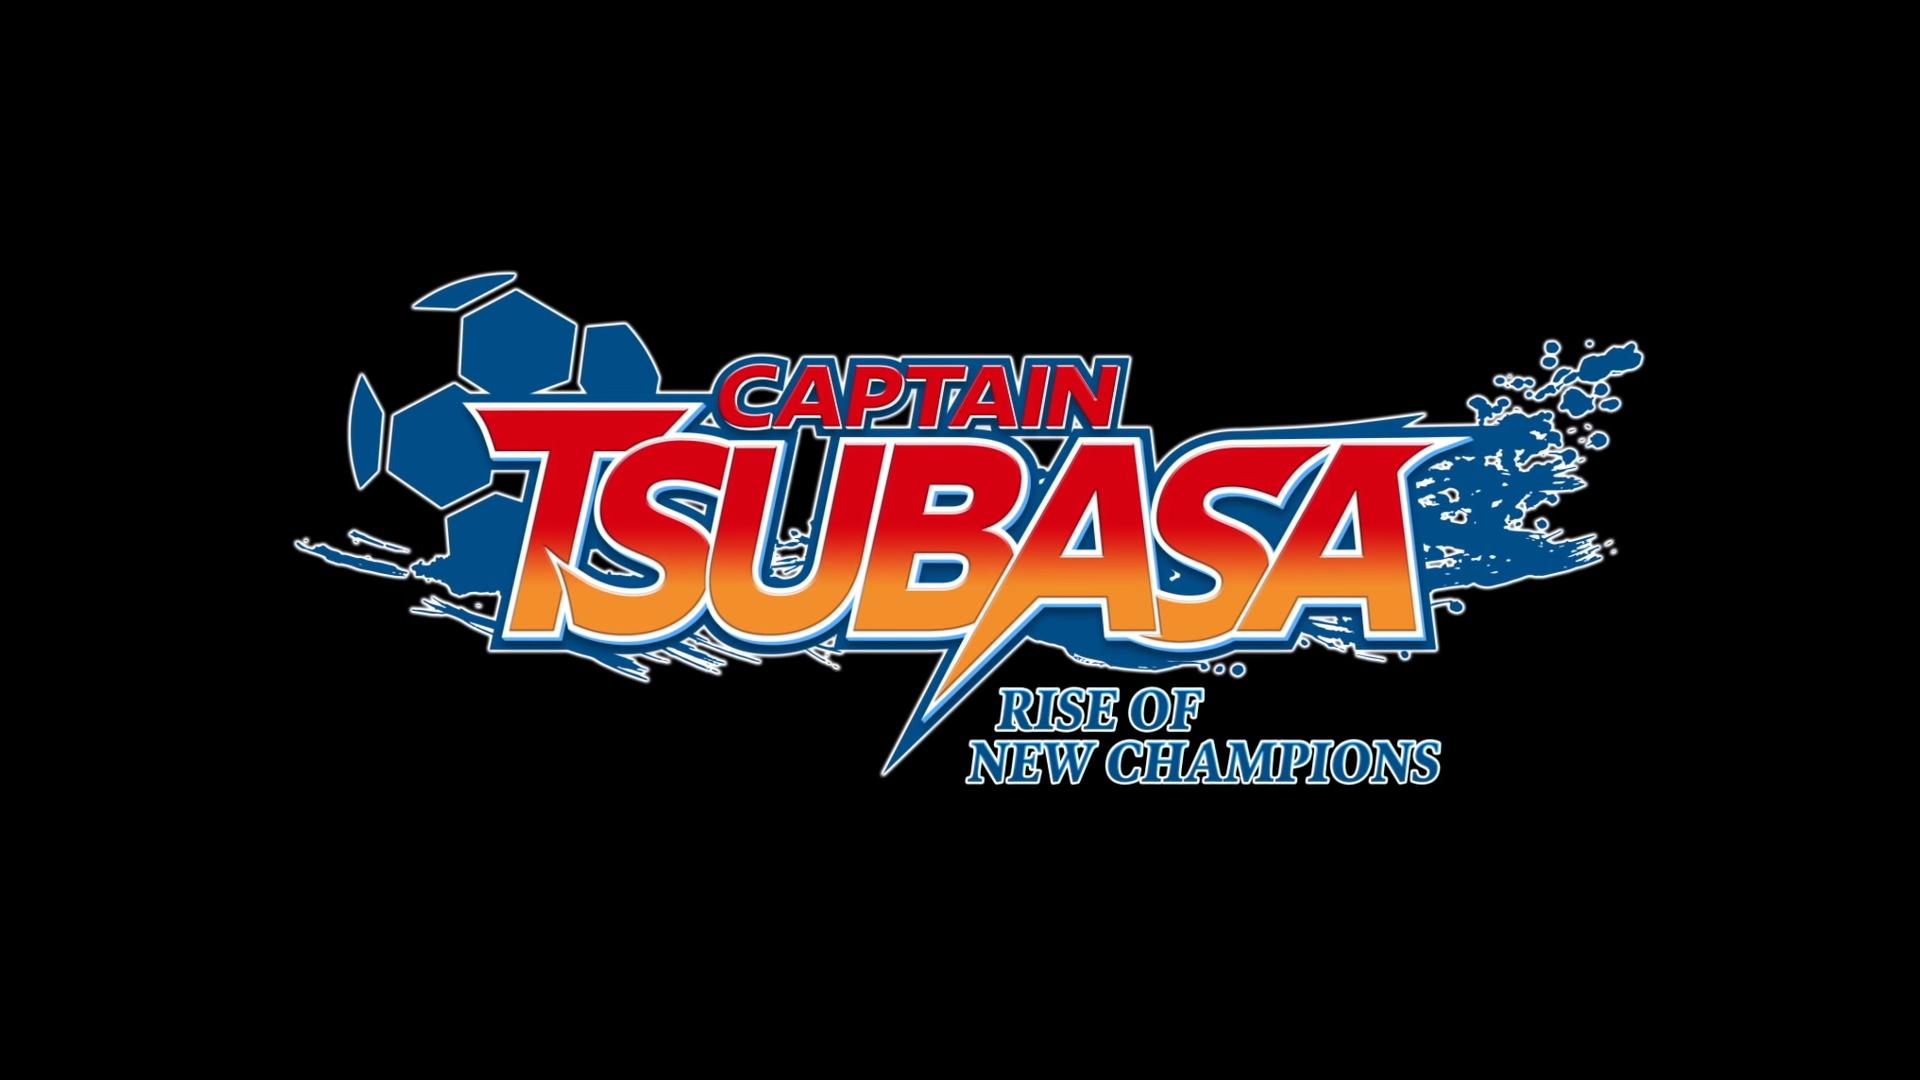 Annunciato l'arrivo di Captain Tsubasa: Rise of New Champions su PS4, PC e Switch